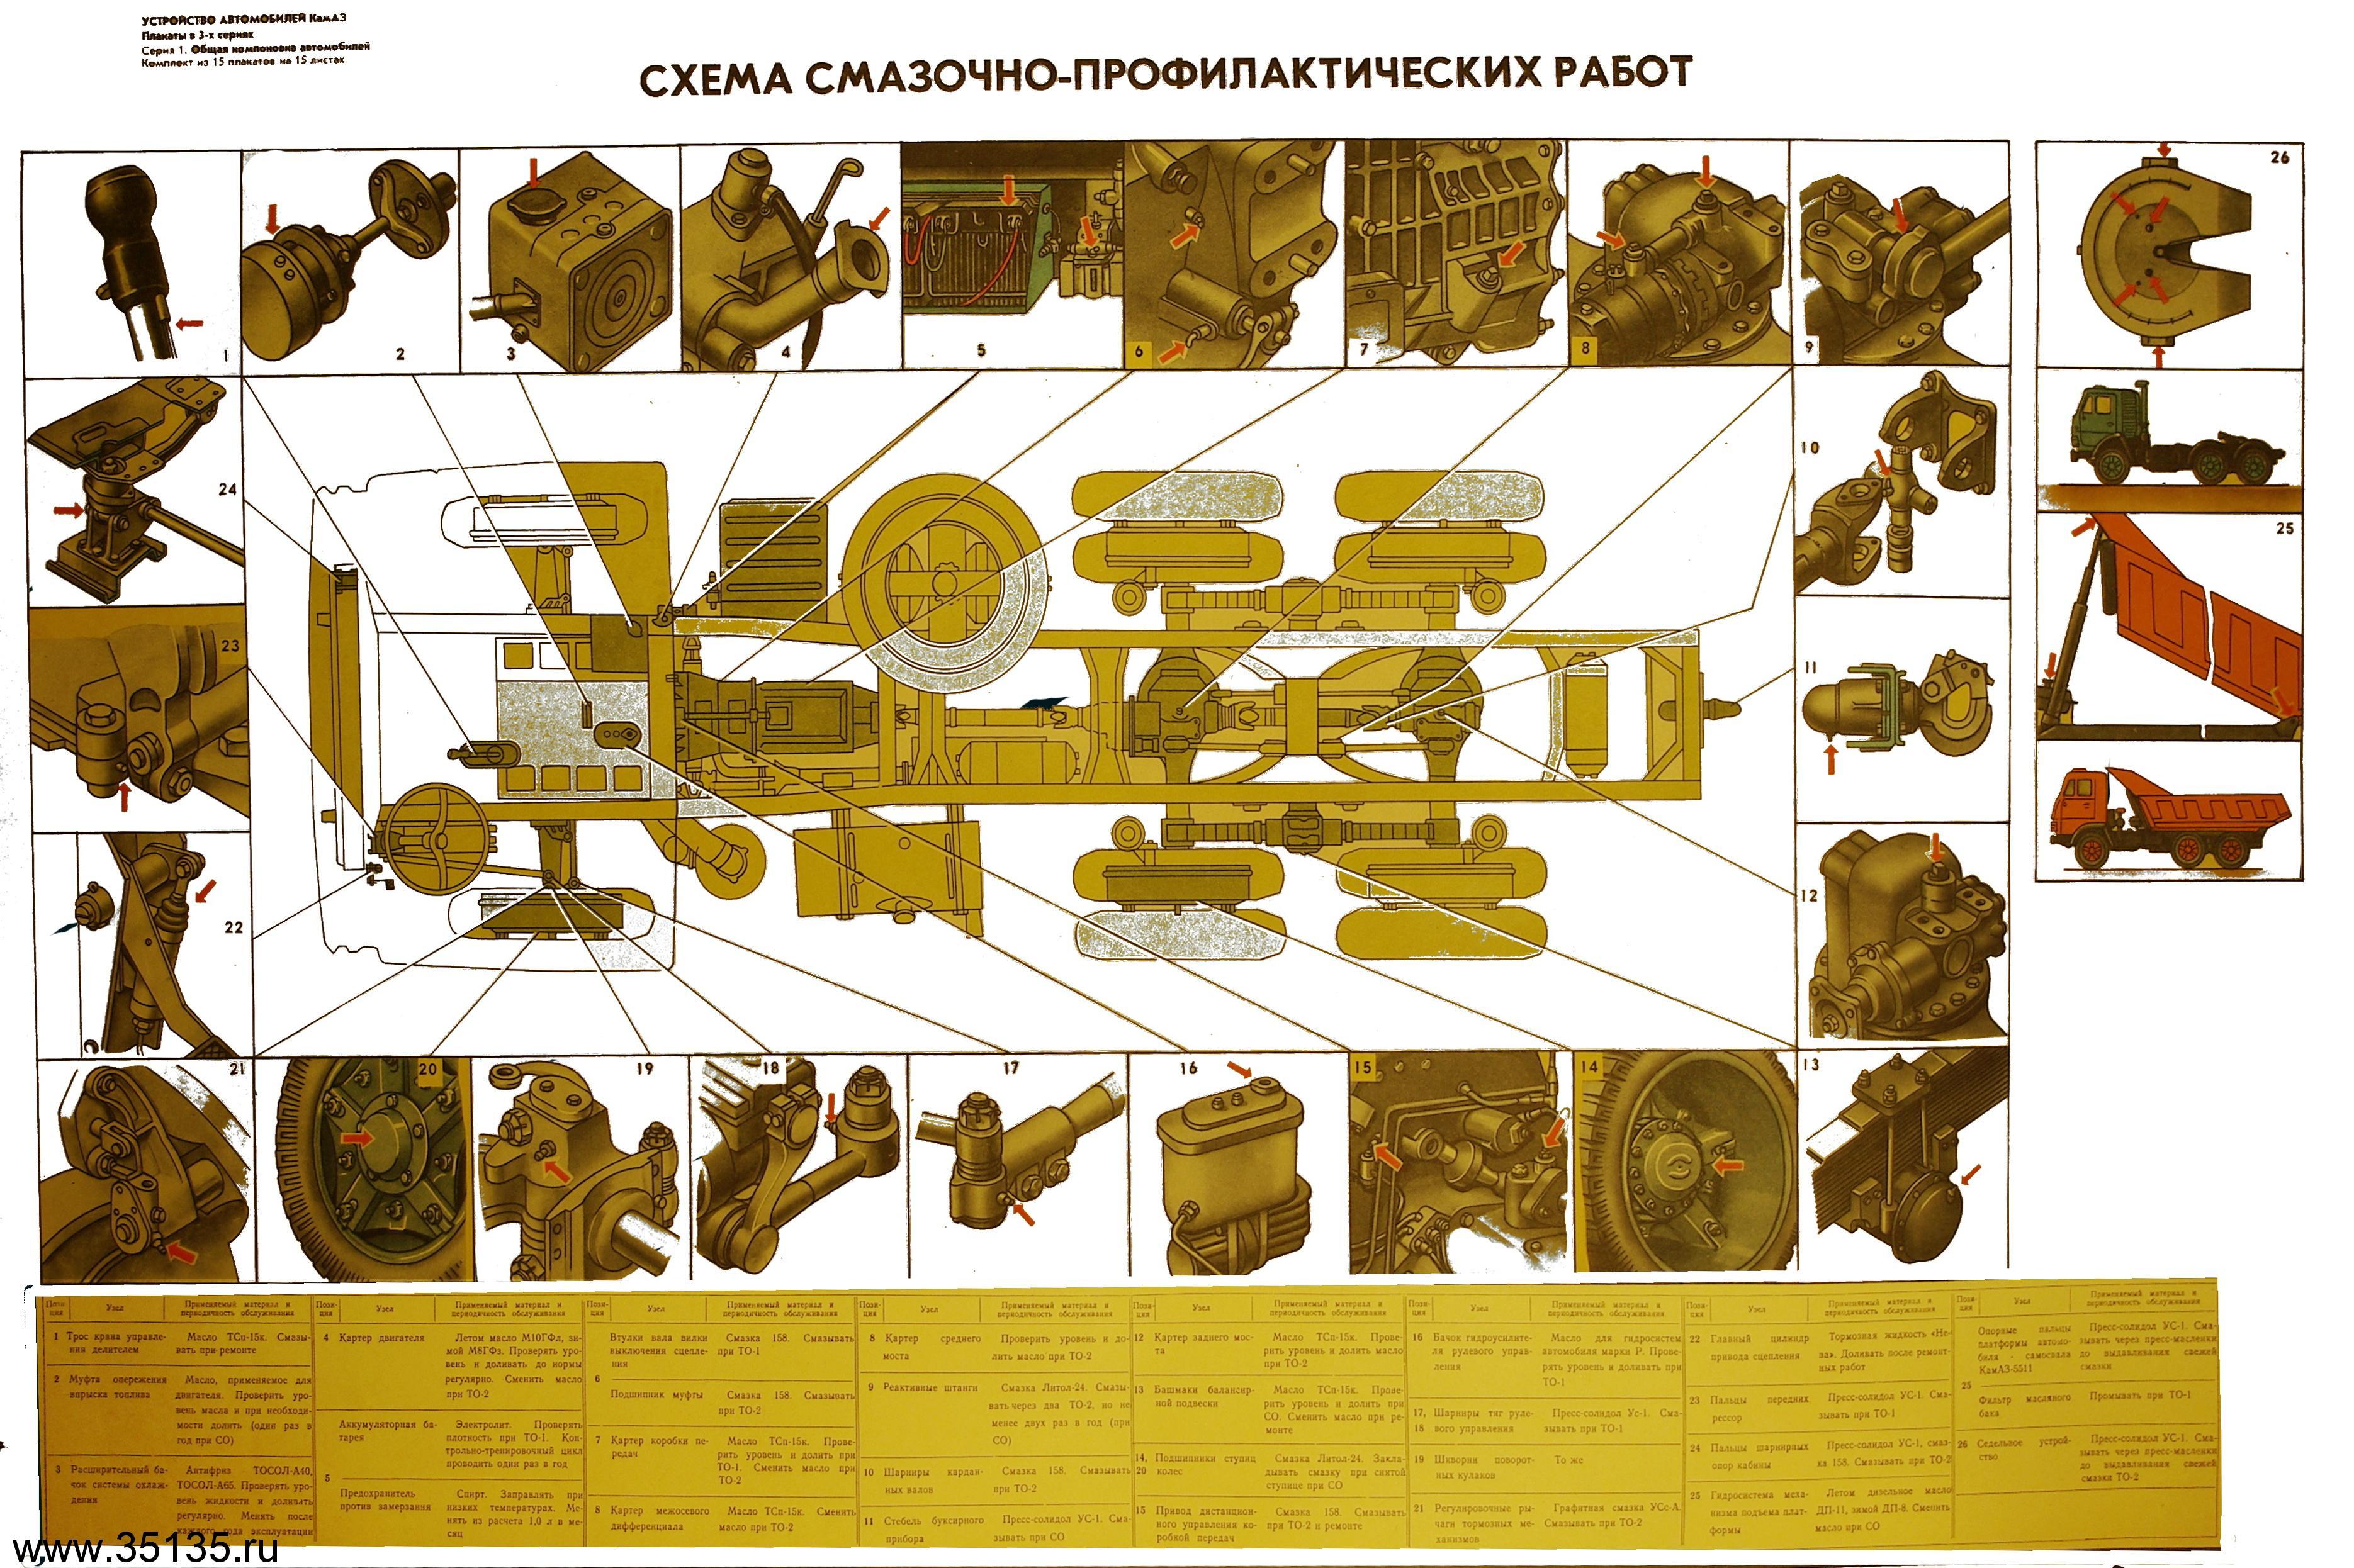 Схема работы гидронасоса rexroth 390.28.00.17